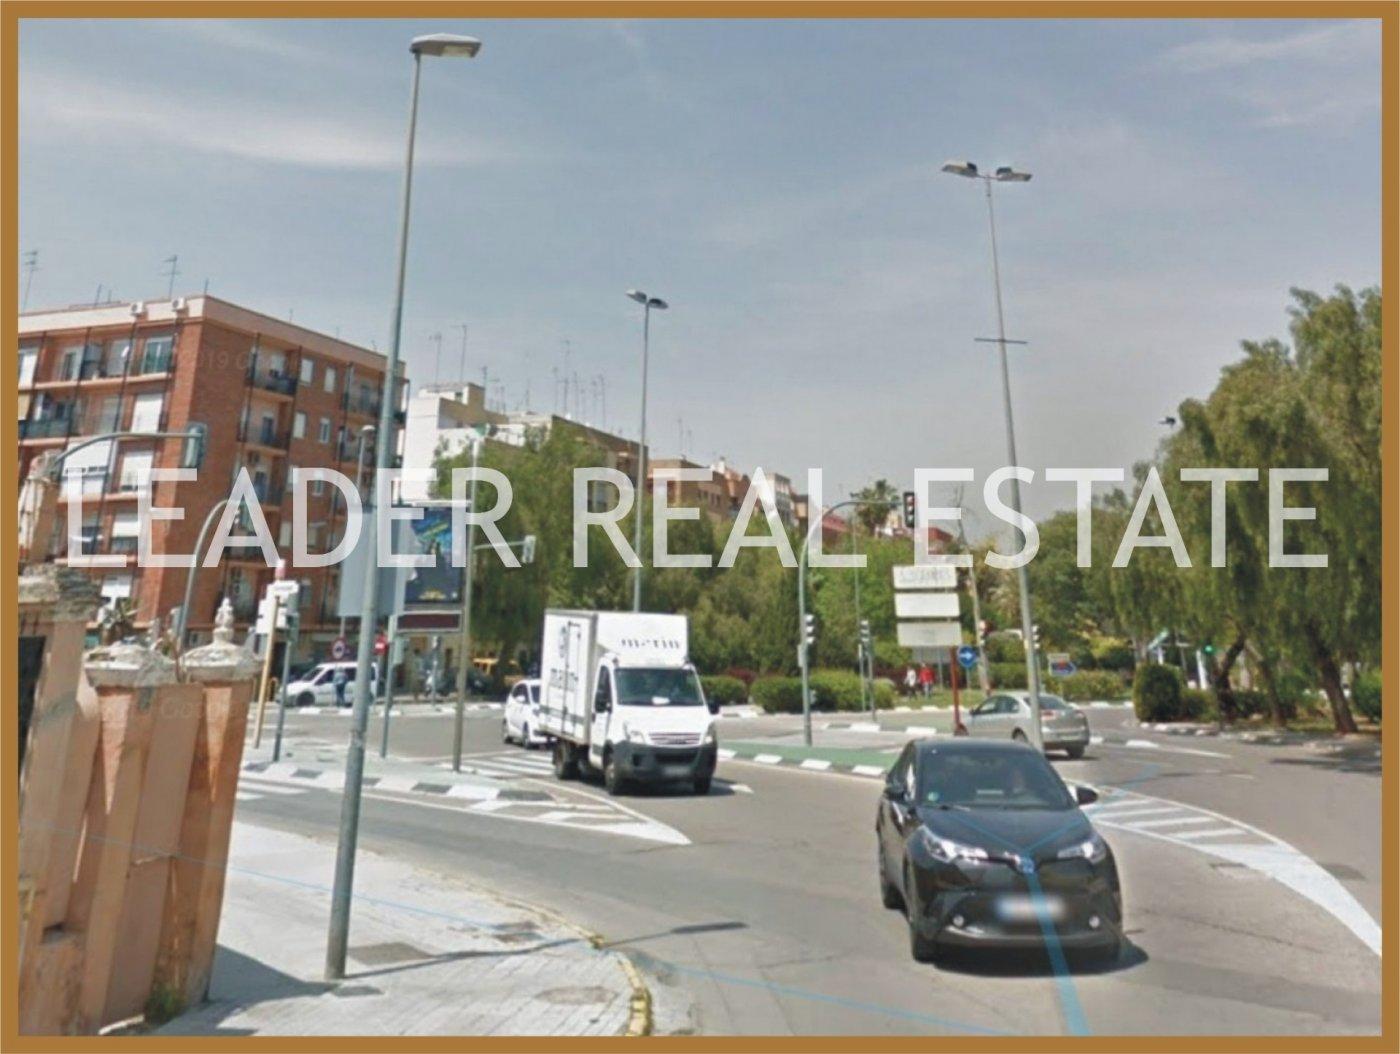 Terrain urbain  Burjassot ,canterería. Solar para construir residencia de estudiantes